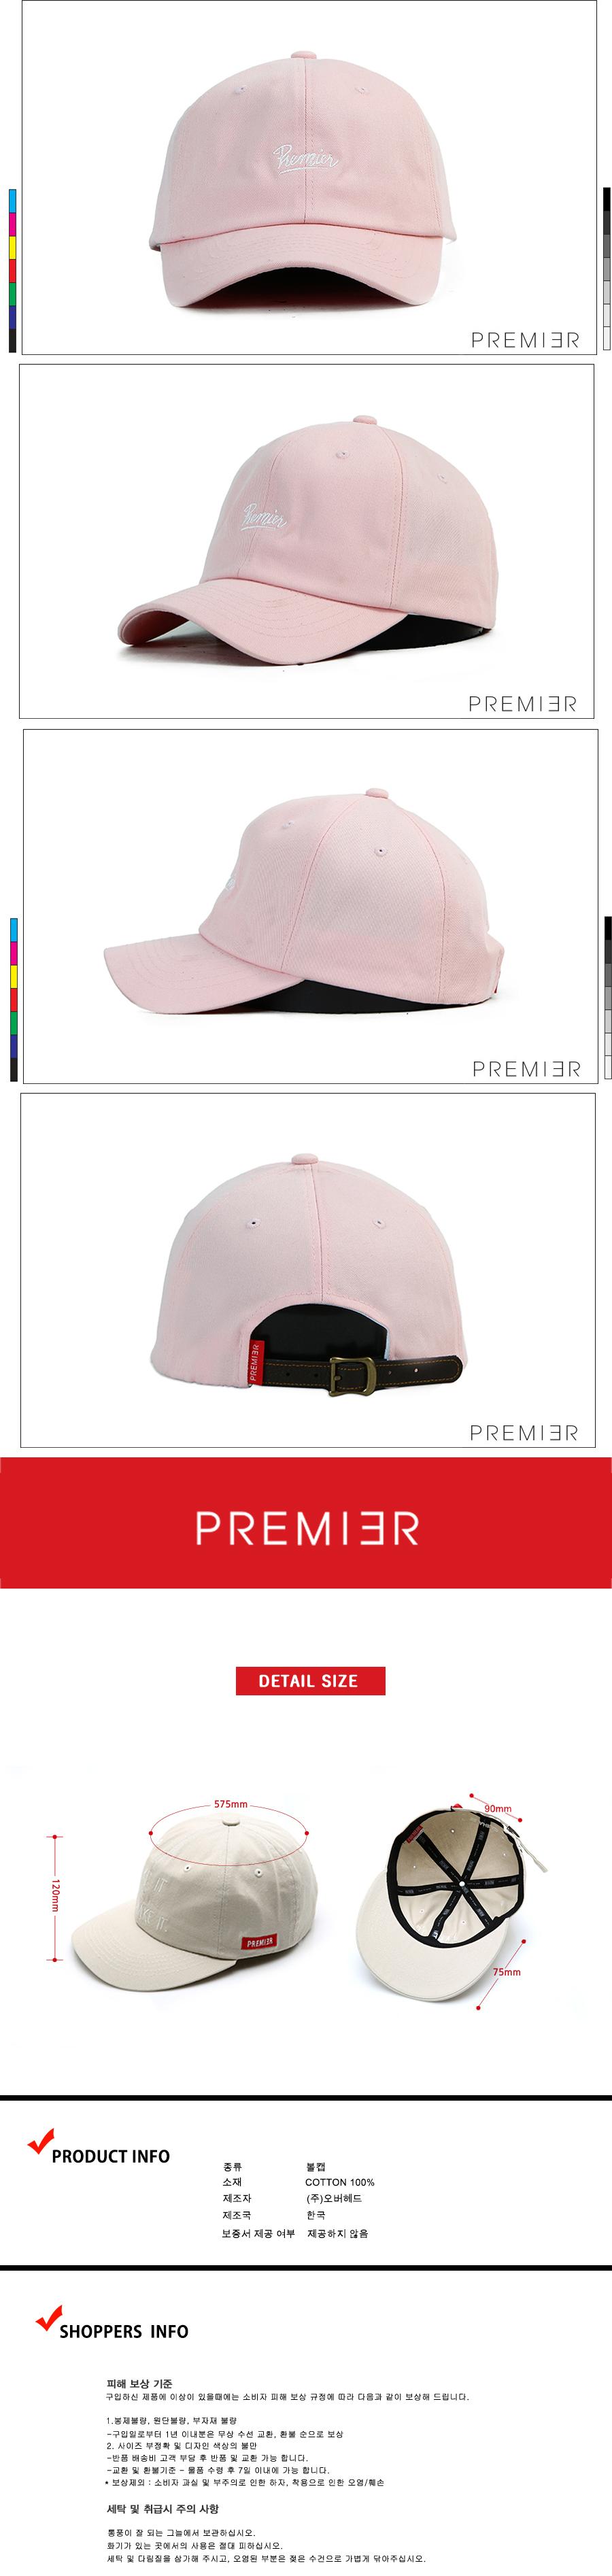 [ PREMIER ] [Premier] Ball Cap Premier Underline Pink (P901)